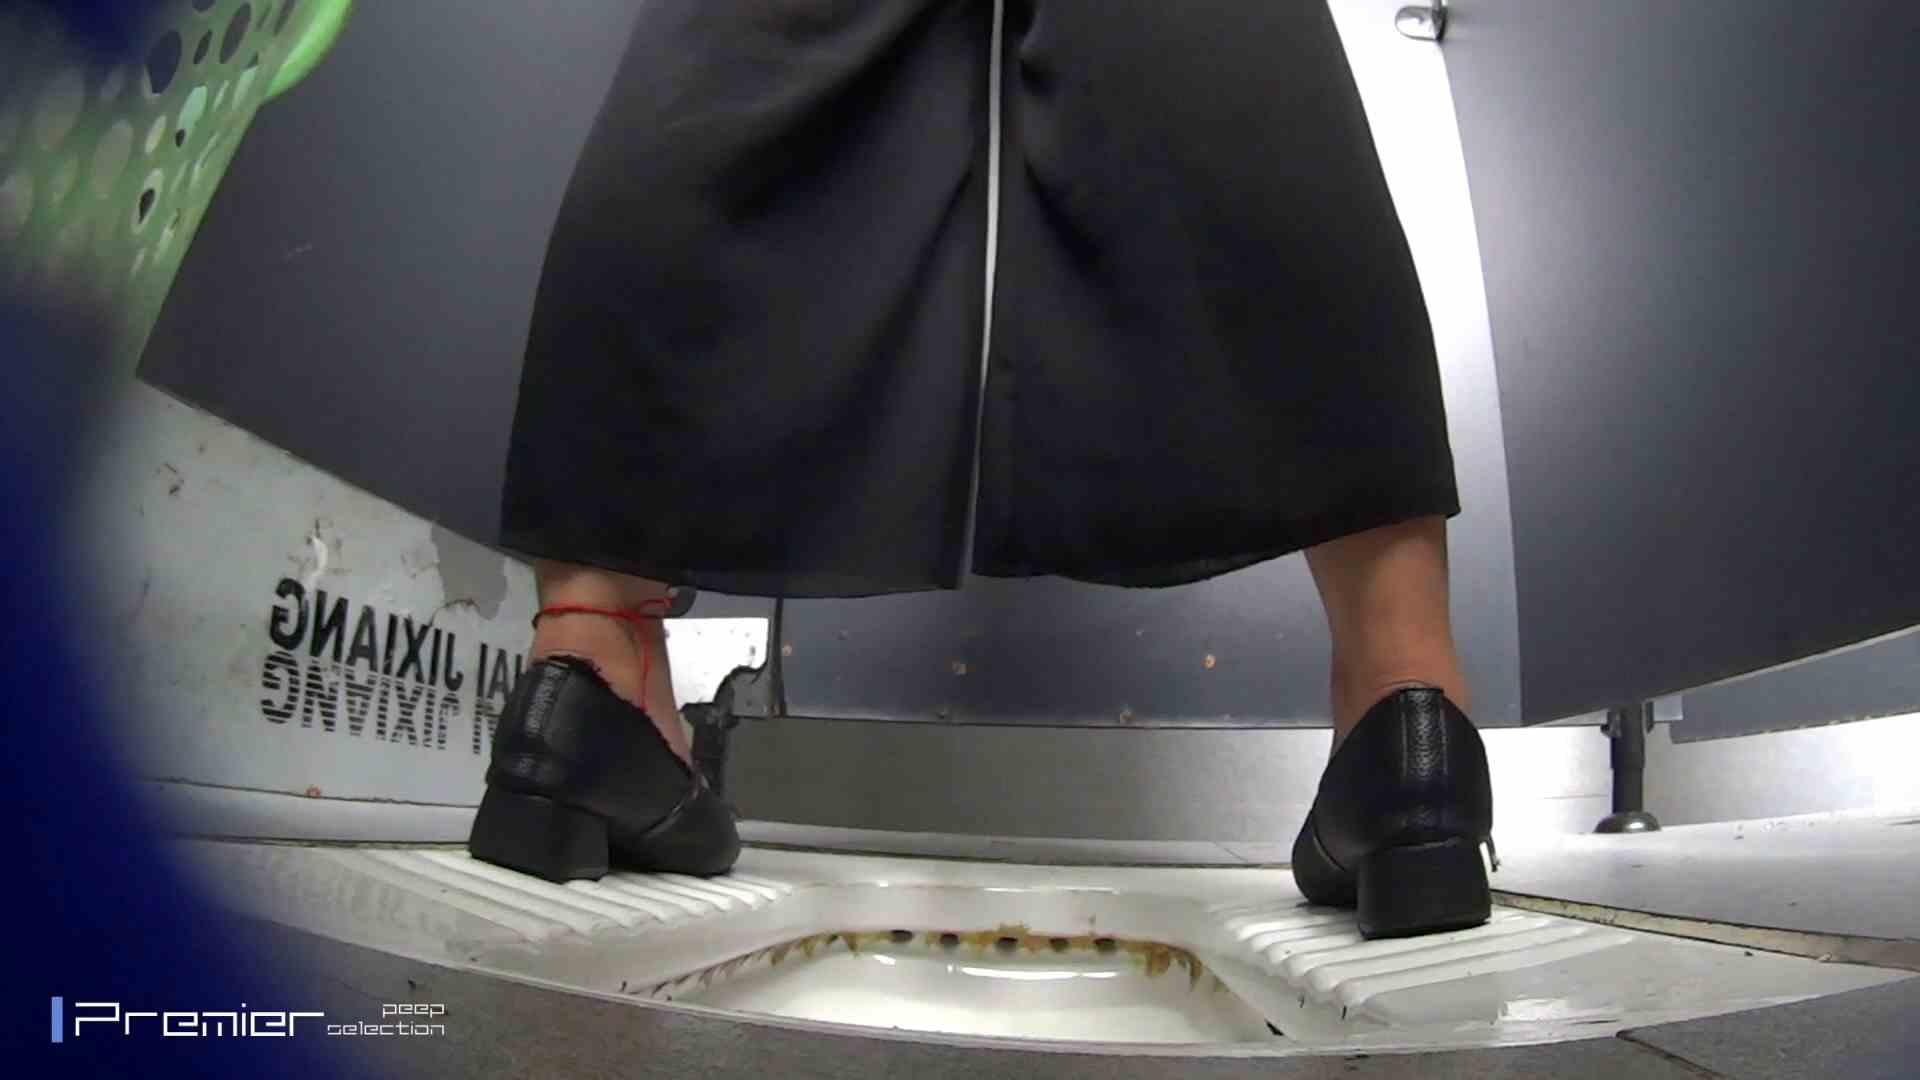 夏全開!ハーフパンツのギャル達 大学休憩時間の洗面所事情44 盗撮  70PIX 8